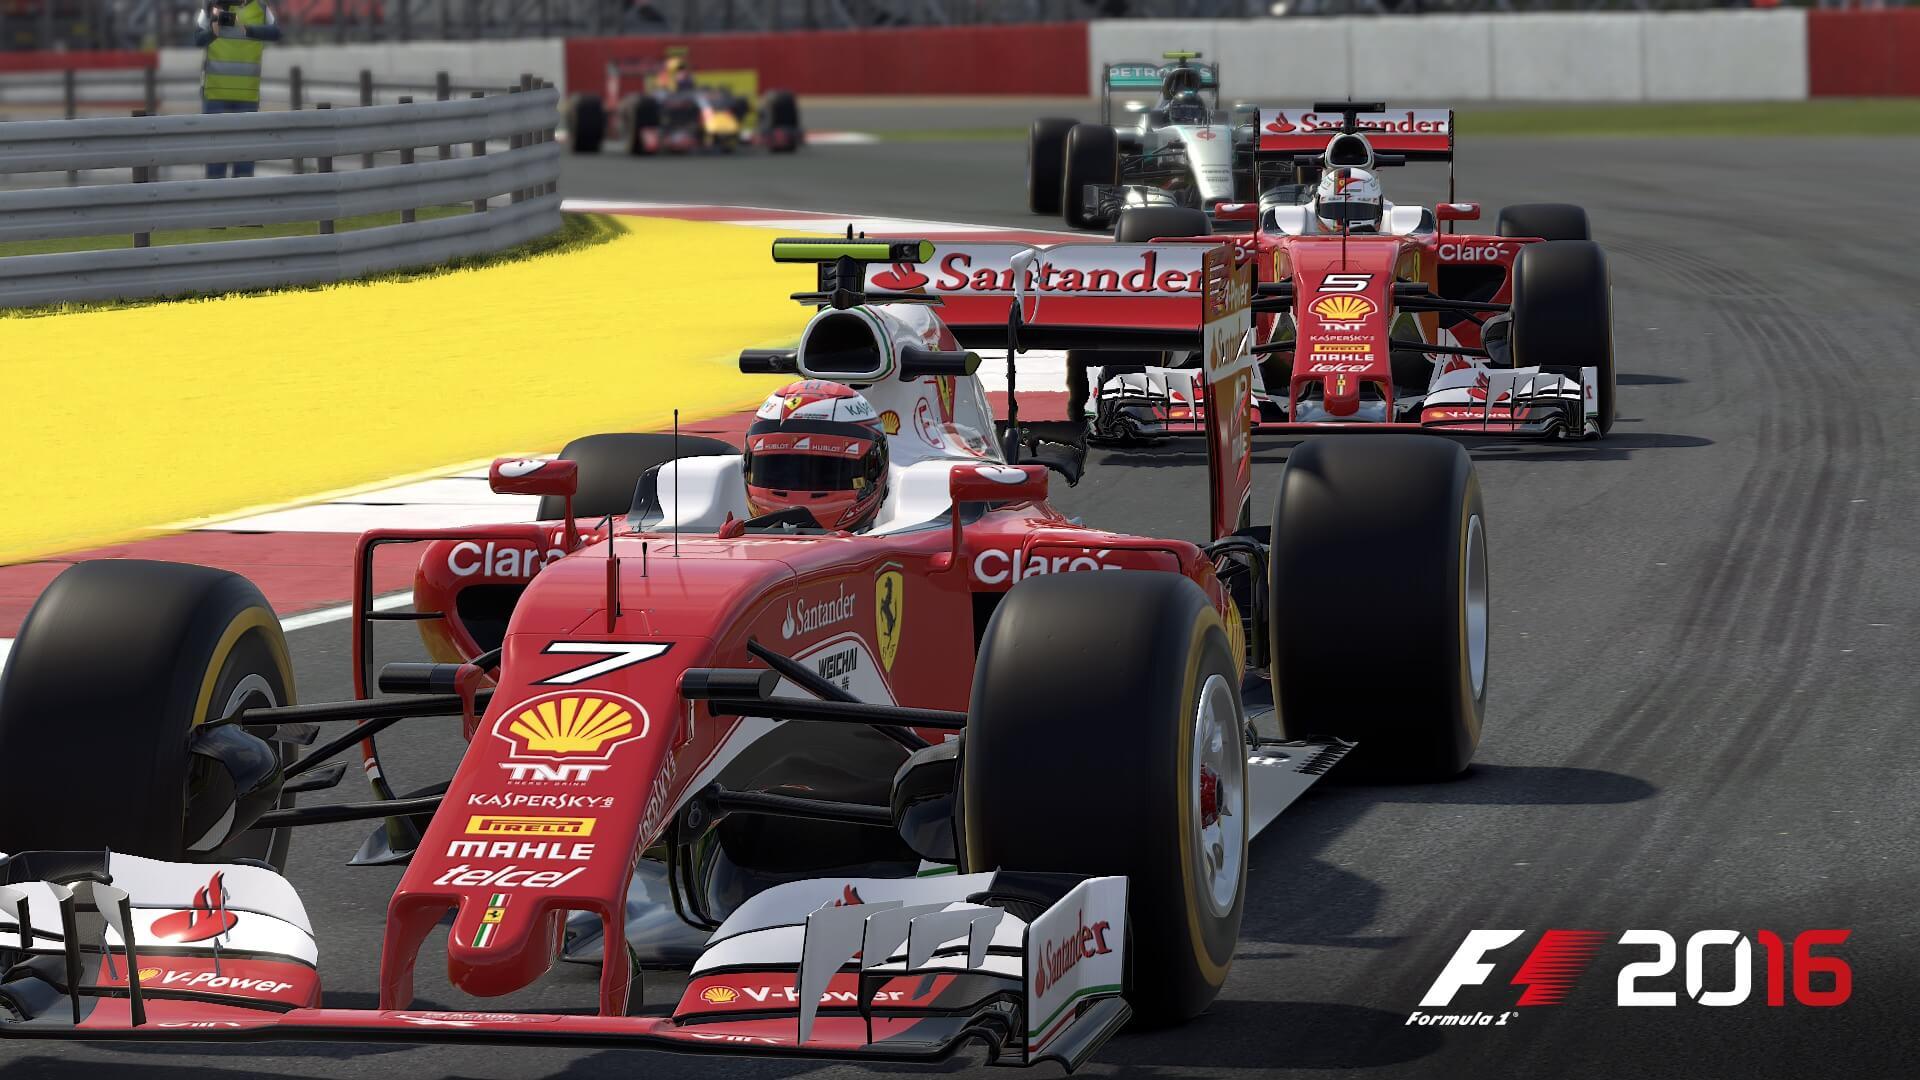 F1 2016: Endlich mal trocken in England (Bildrechte: Feral Interactive)